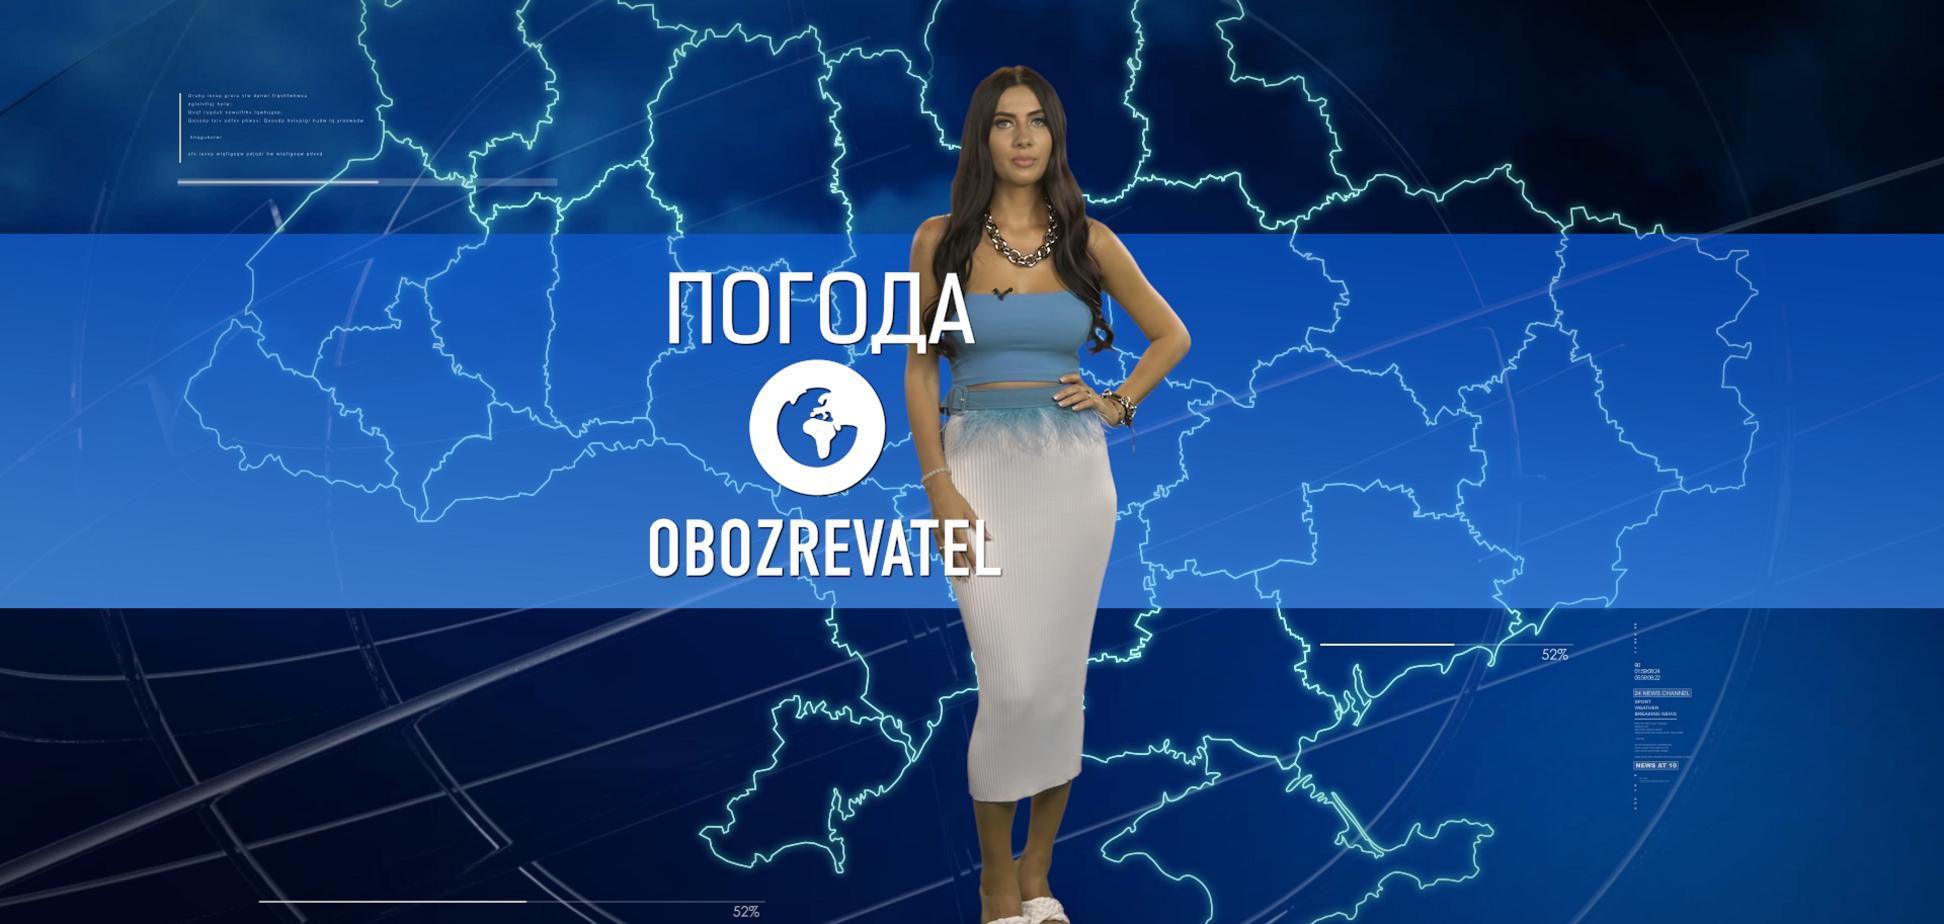 Прогноз погоды в Украине на воскресенье 13 июня с Алисой Мярковской